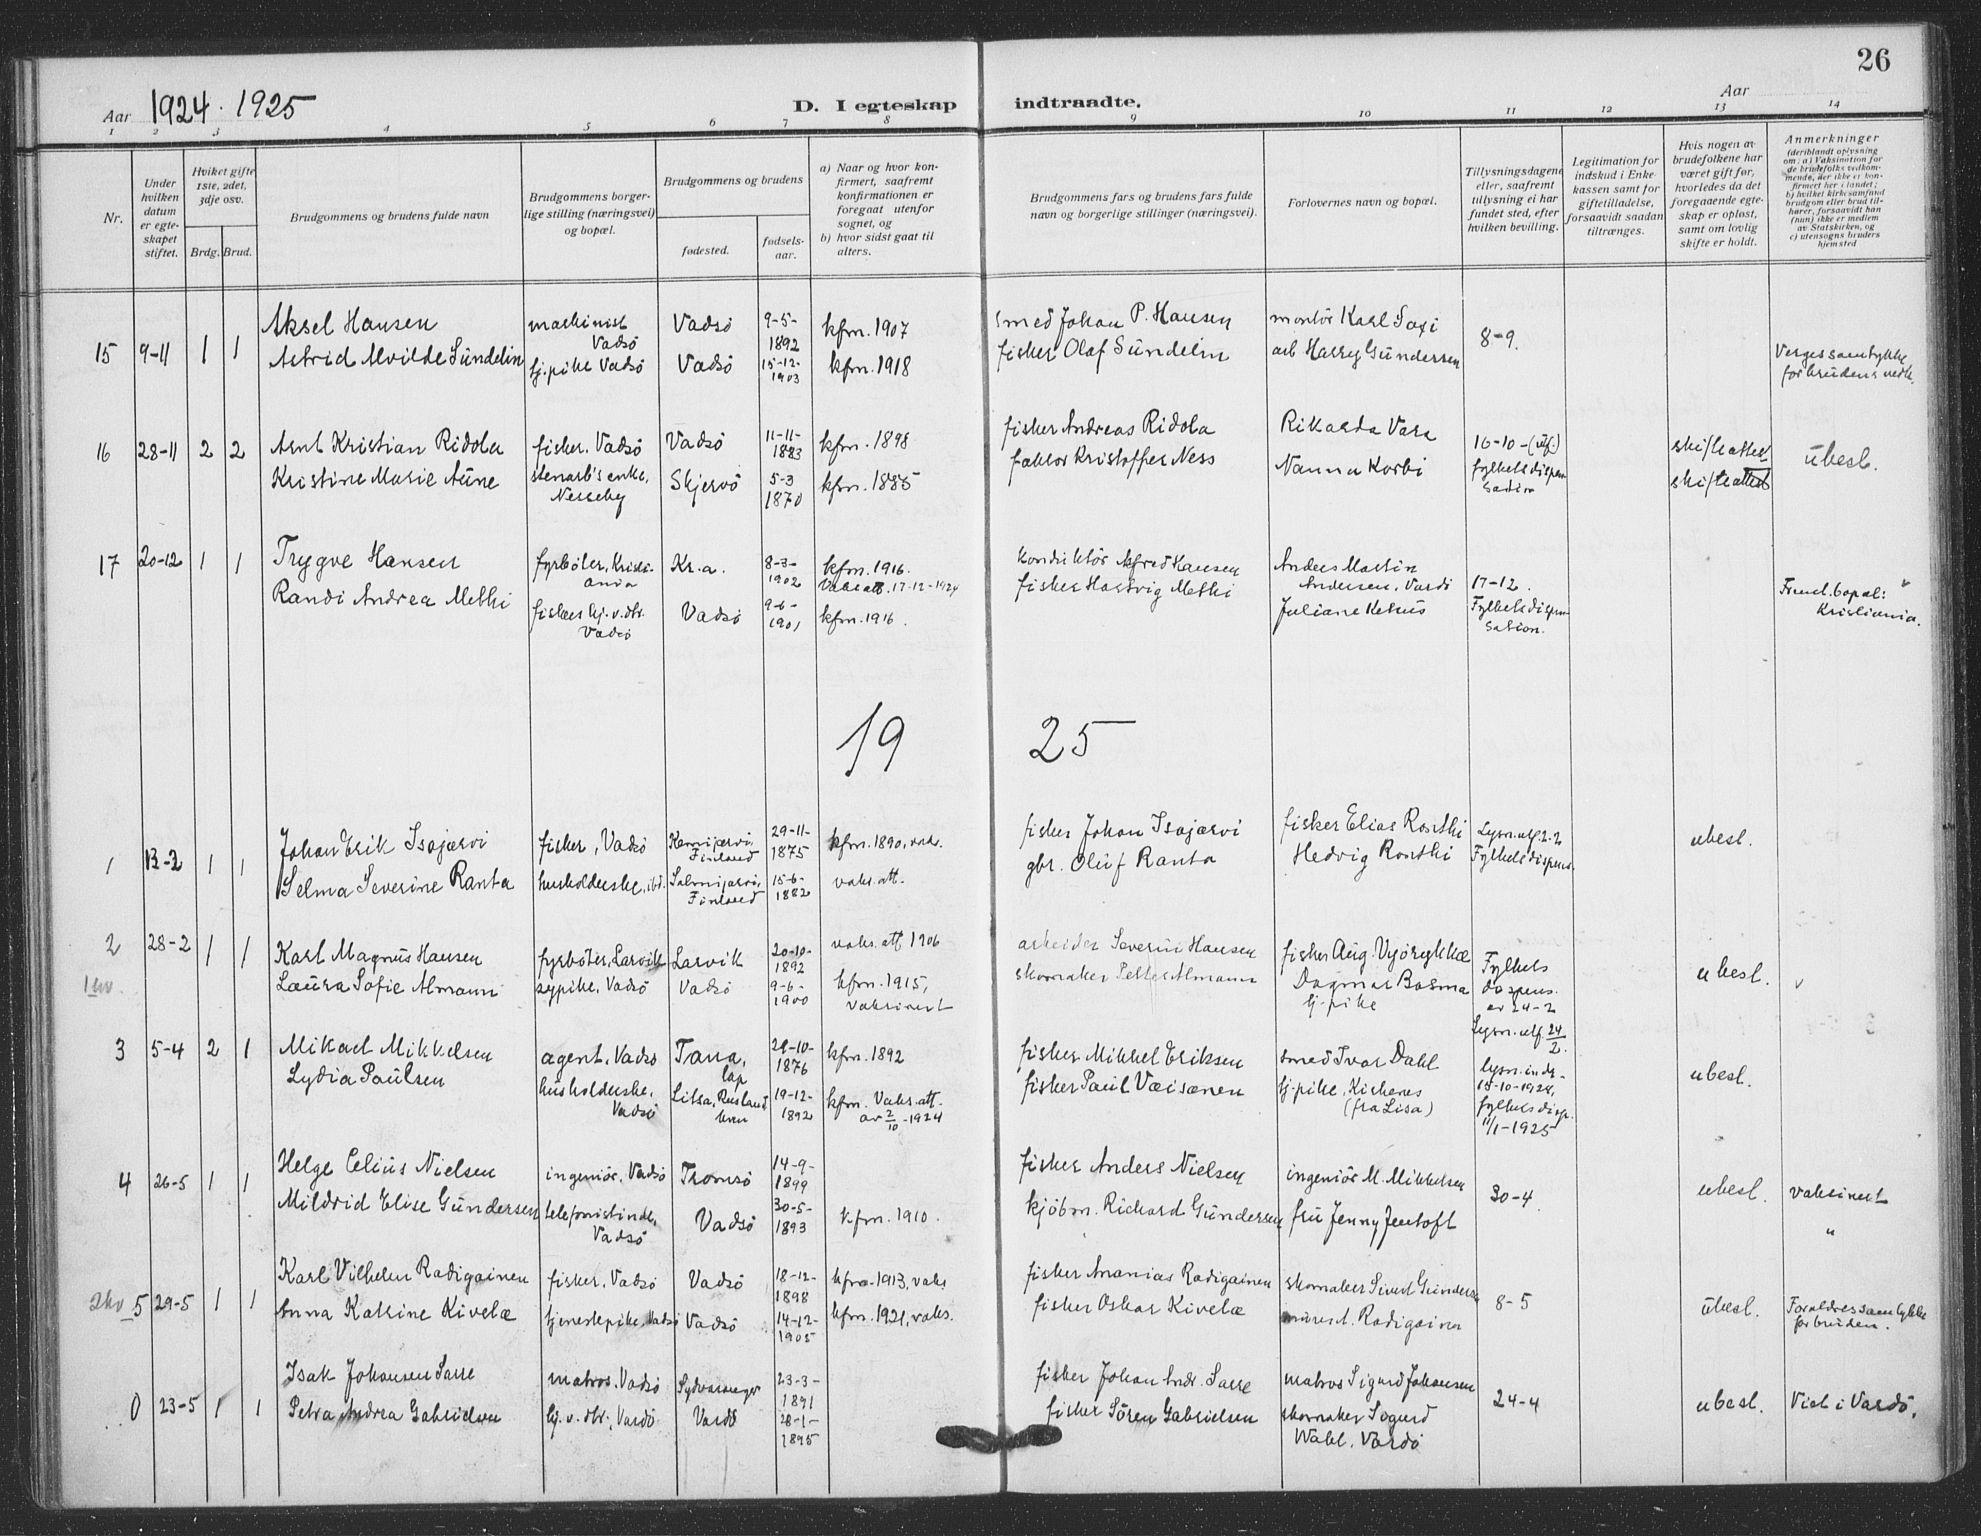 SATØ, Vadsø sokneprestkontor, H/Ha/L0008kirke: Ministerialbok nr. 8, 1912-1930, s. 26